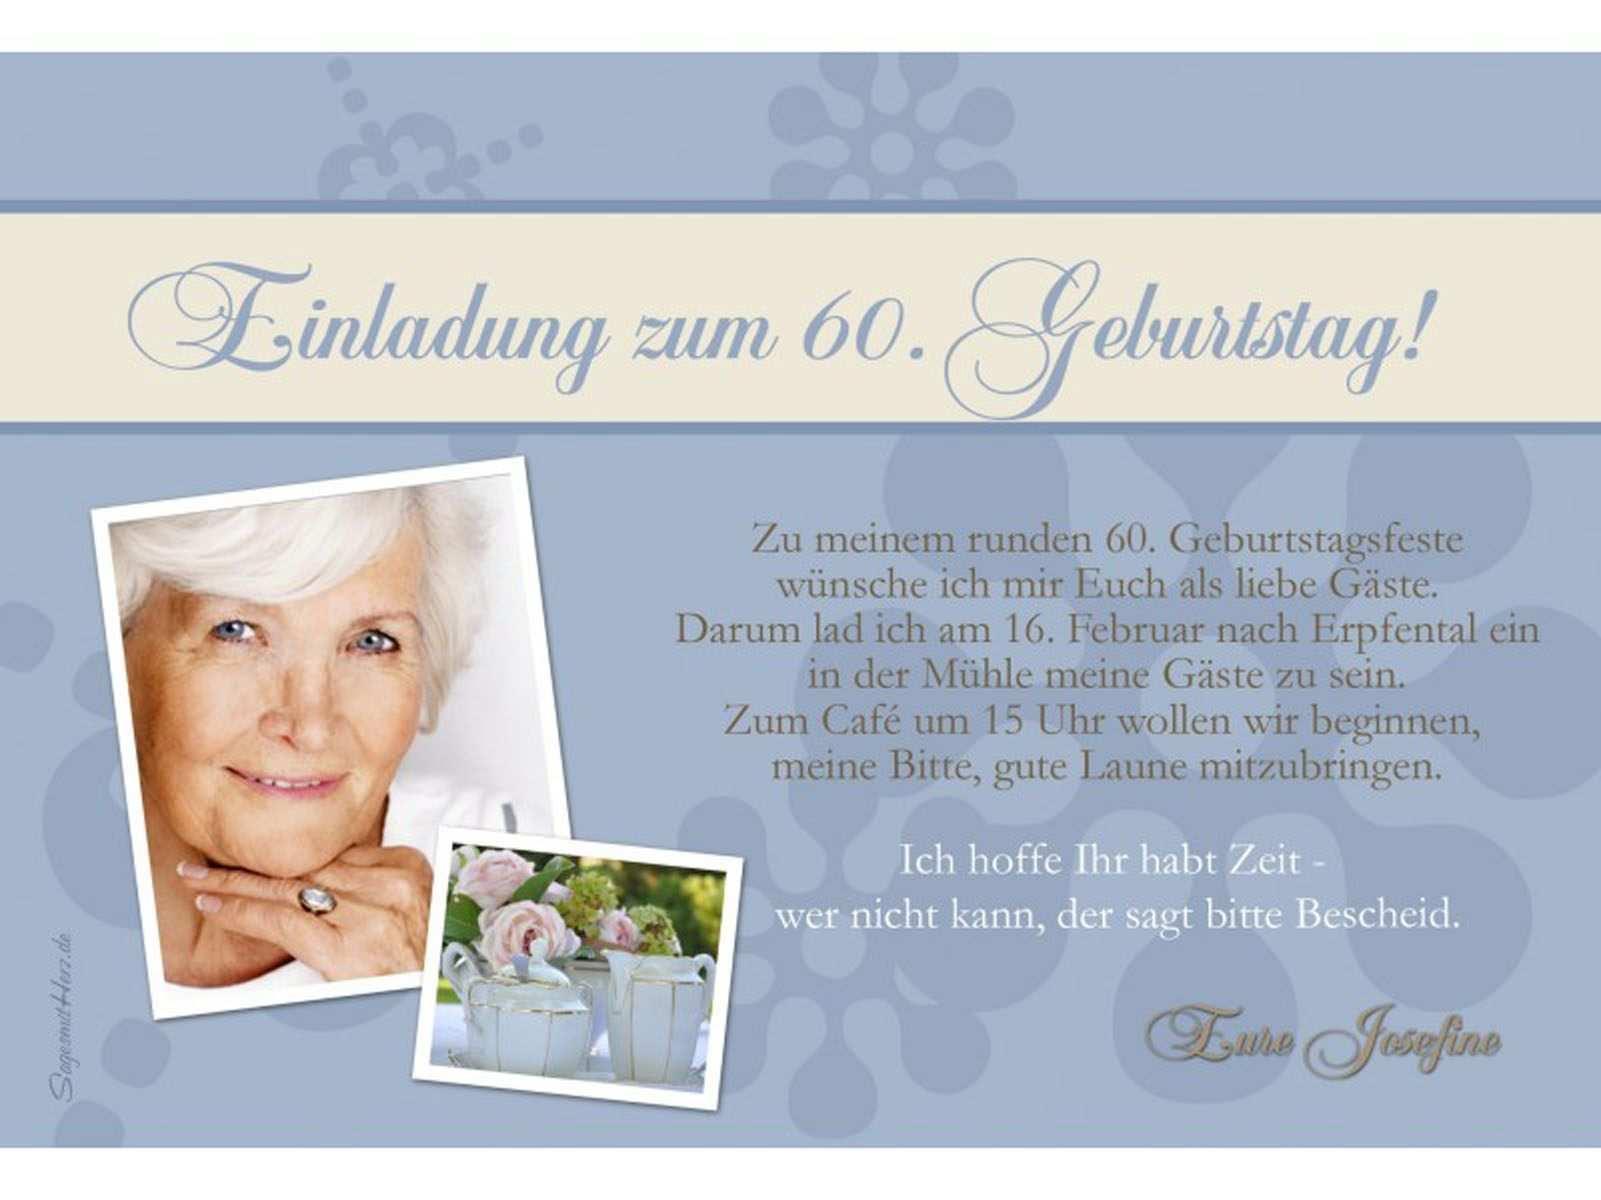 Einladungskarten 60 Geburtstag Einladungskarten 60 Geburtstag Selber Basteln Ein Einladung 60 Geburtstag Spruche Einladung Geburtstag Einladung Geburtstag